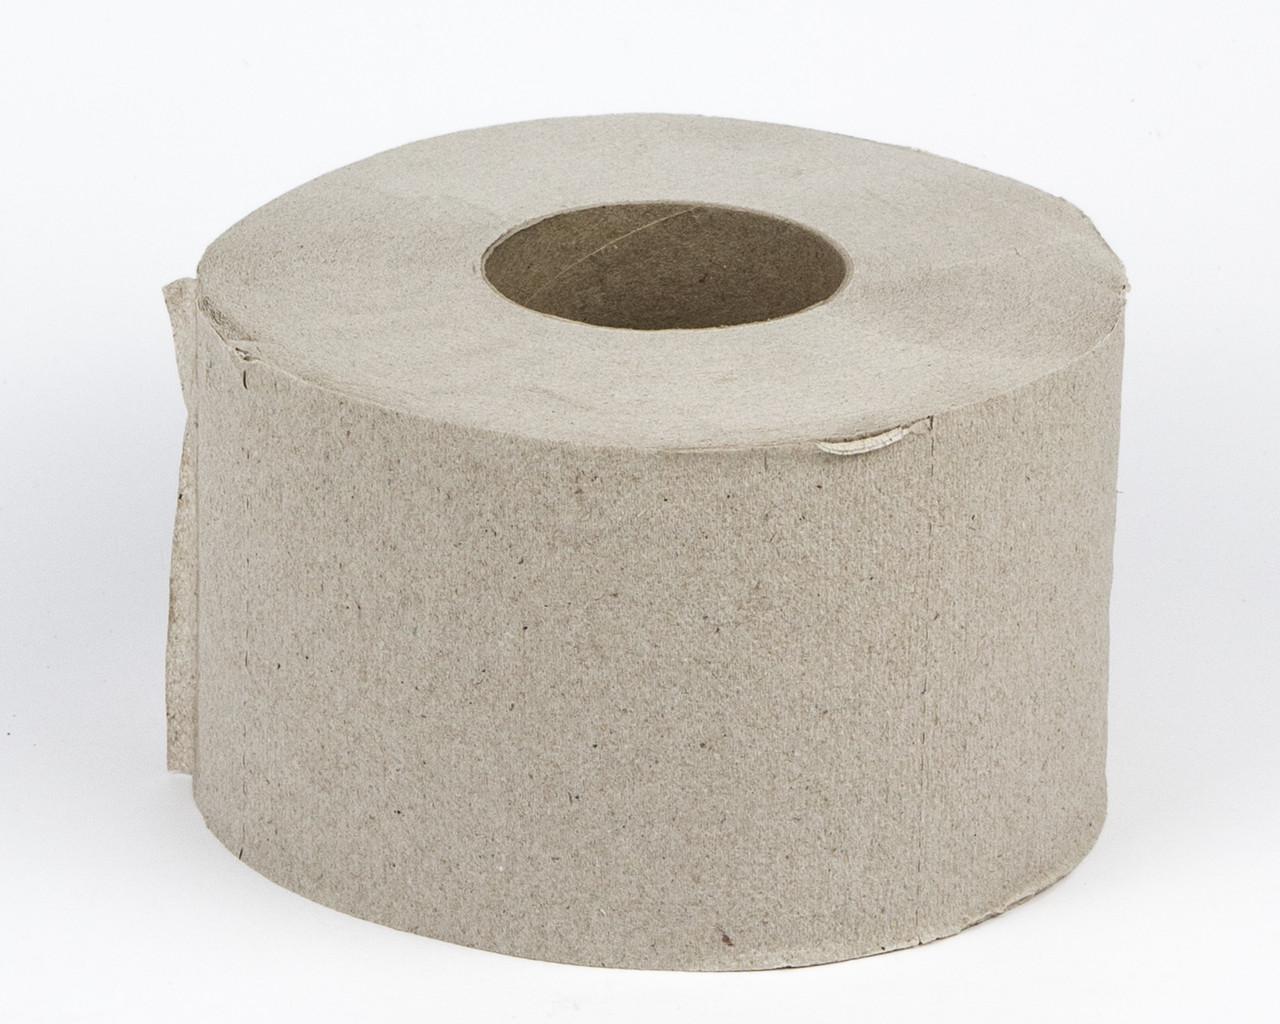 Папір туалетний макулатурний в рулонах Джамбо, 1 шар, 100 м.